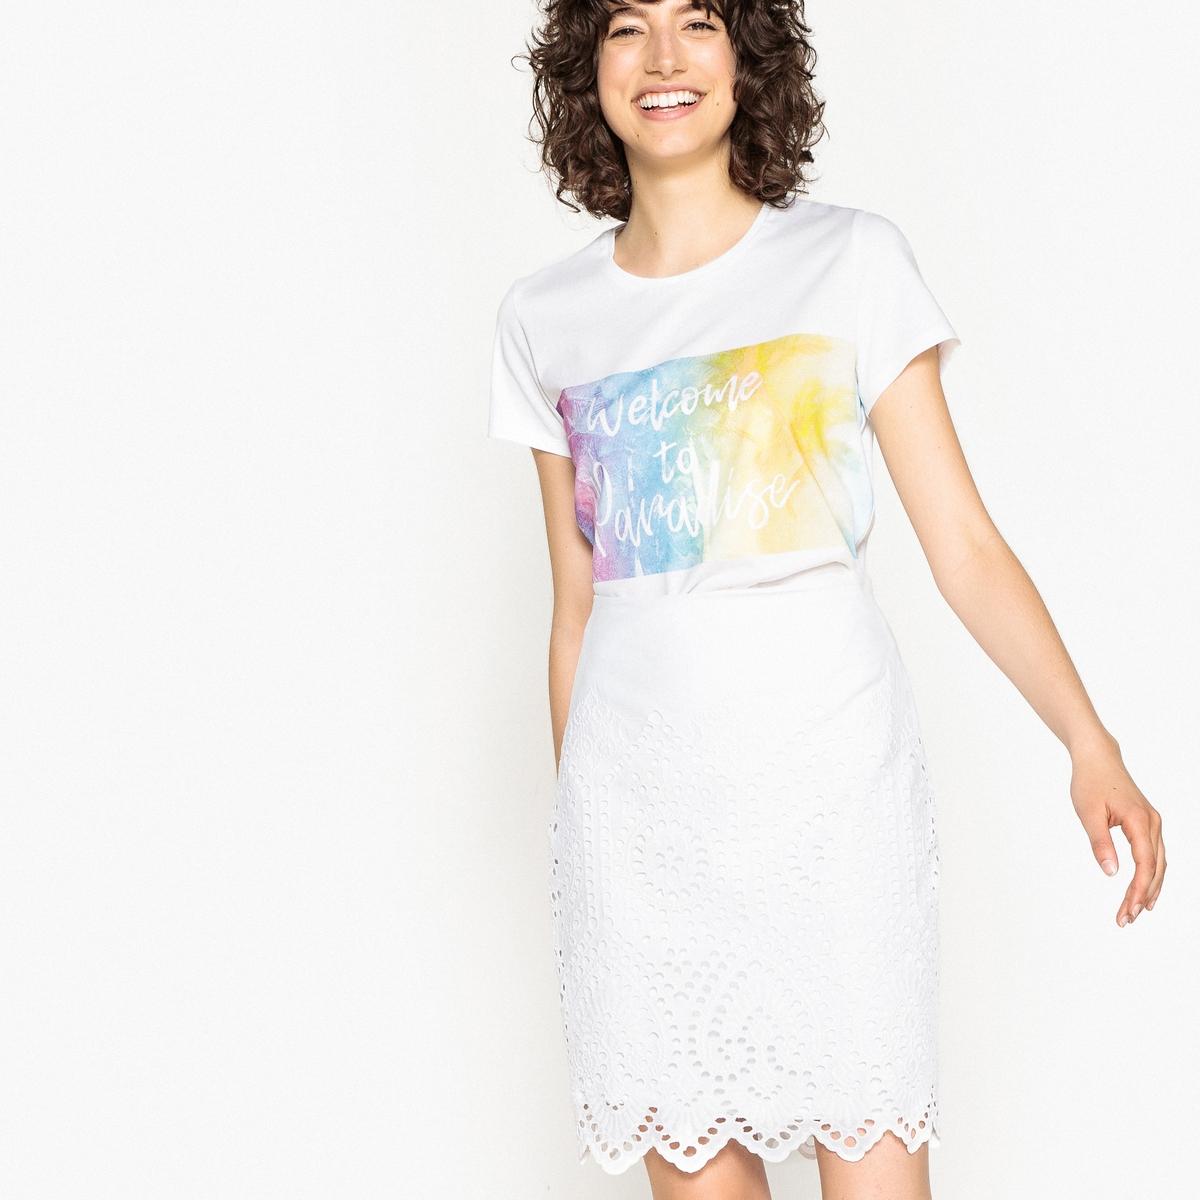 Falda tubo, bordado inglés, semilarga